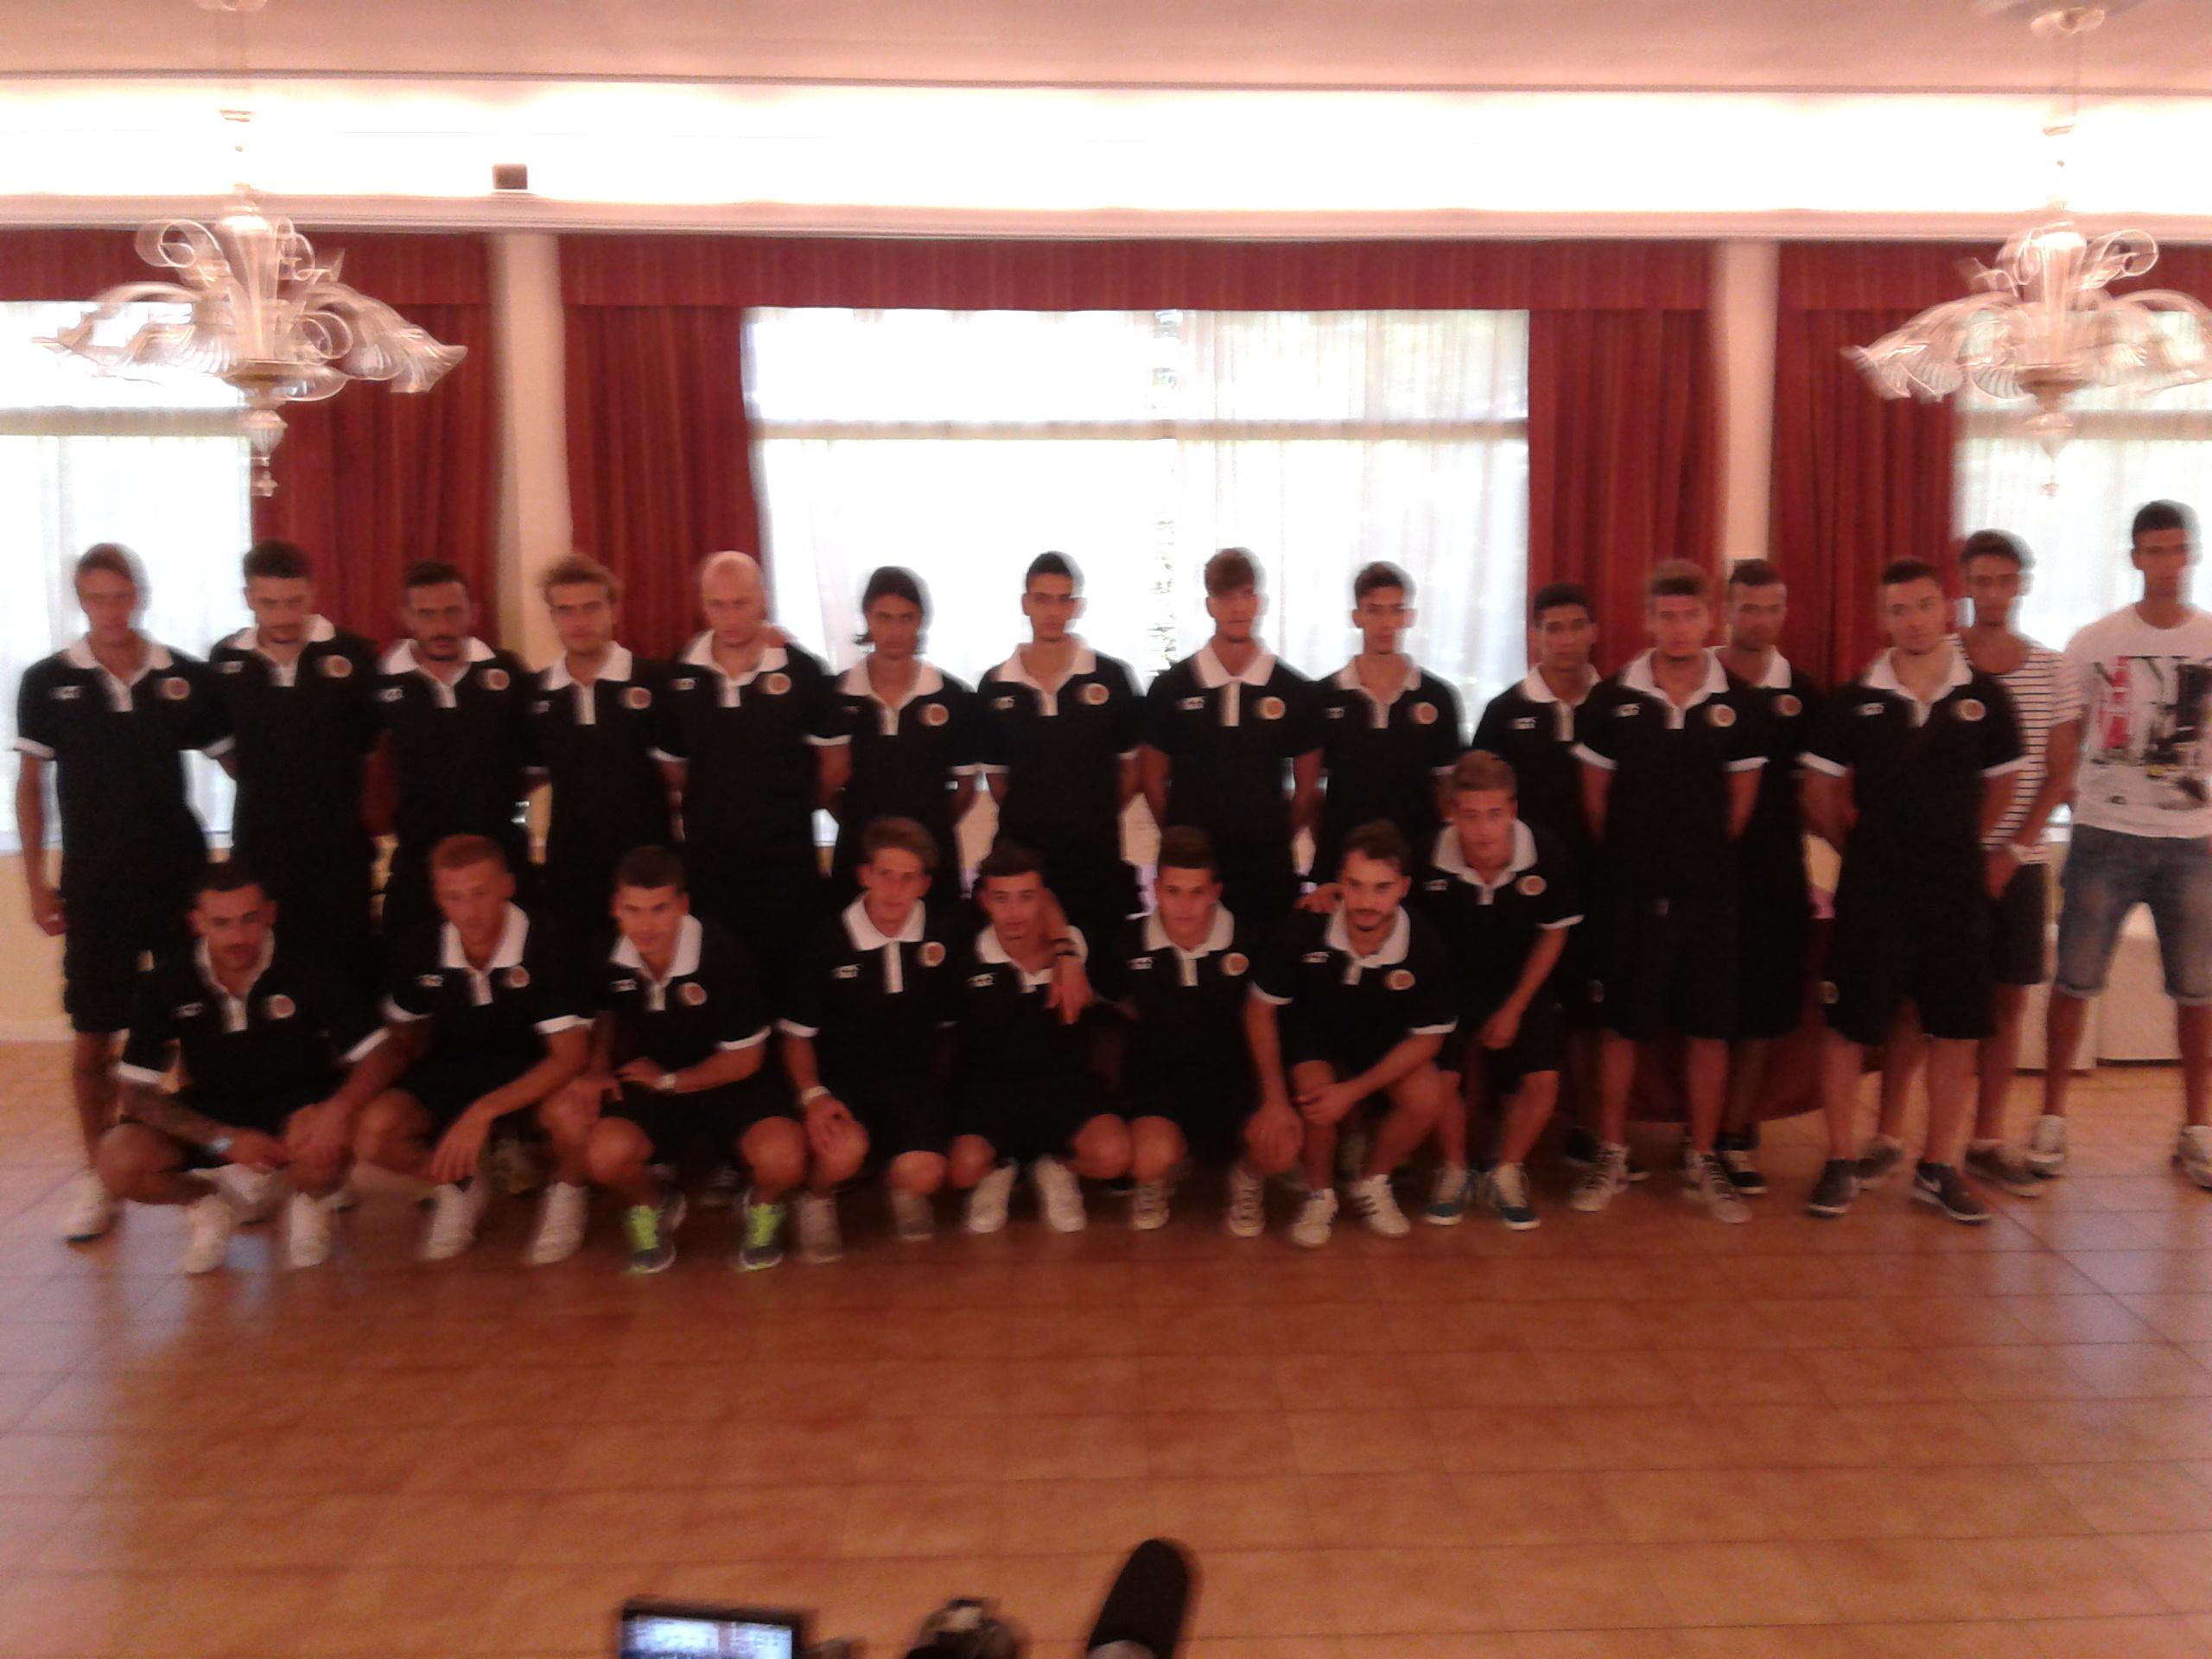 Prima foto di gruppo della squadra